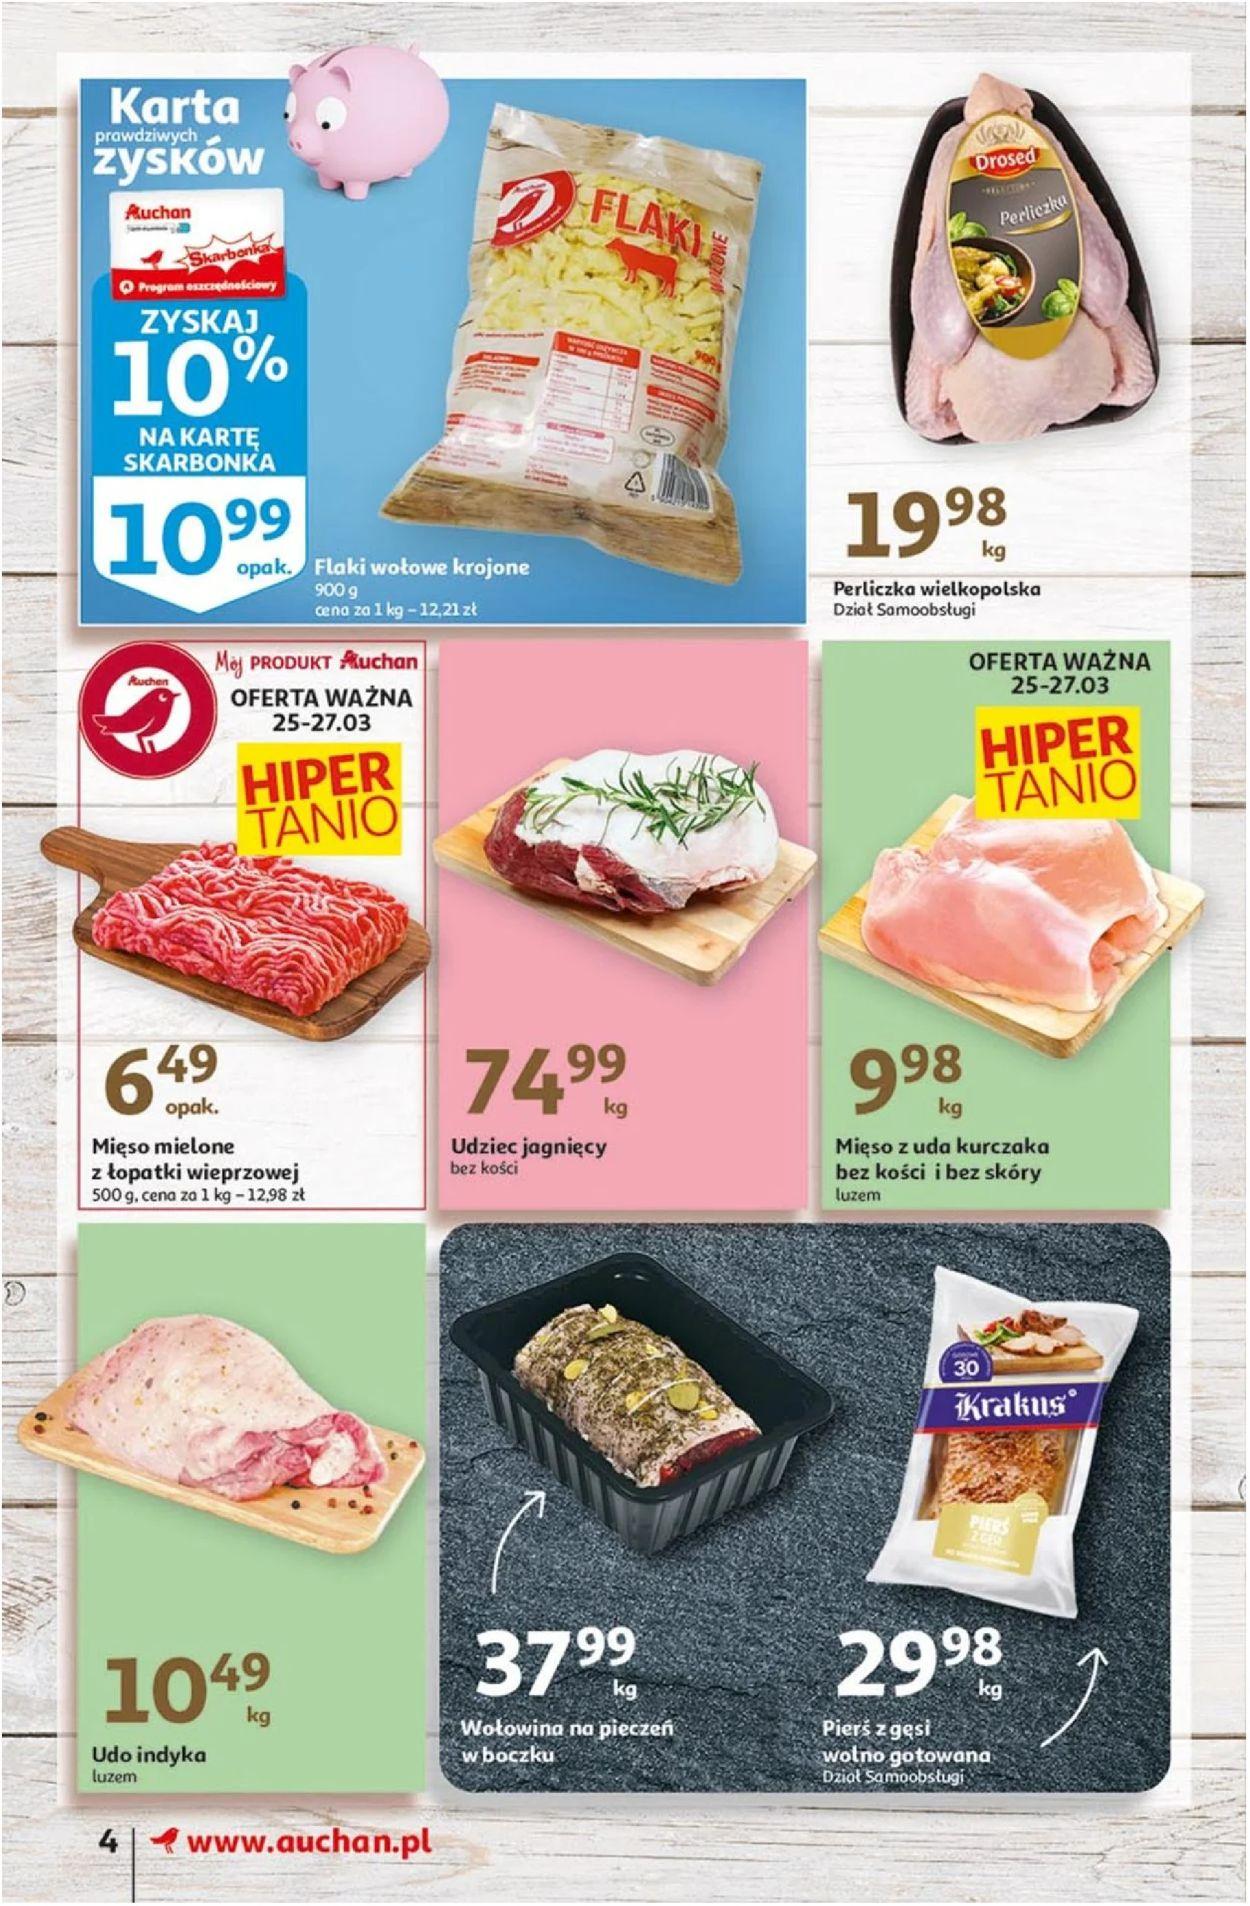 Gazetka promocyjna Auchan Wielkanoc 2021! - 25.03-03.04.2021 (Strona 4)